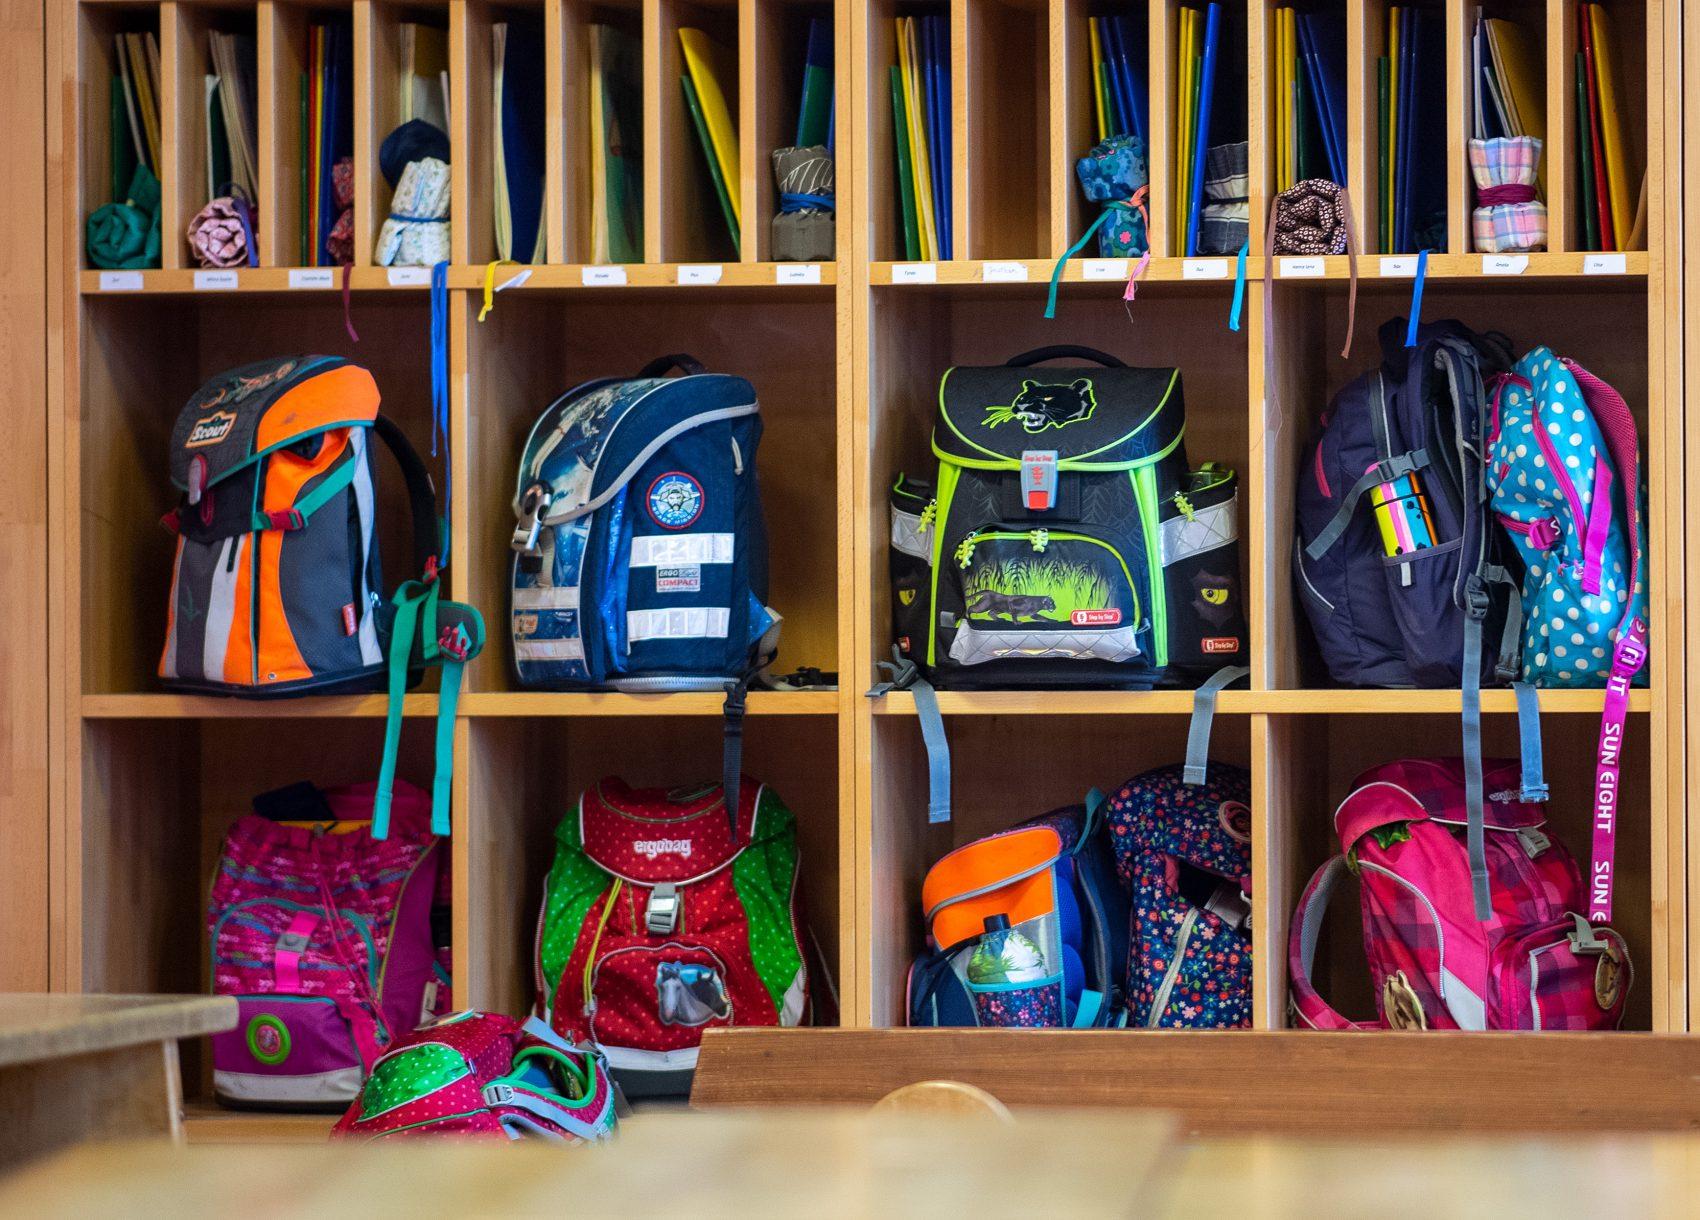 Os vouchers reduzem a diversidade em sala de aula? A questão divide educadores (Foto Monika Skolimowska/DPA)